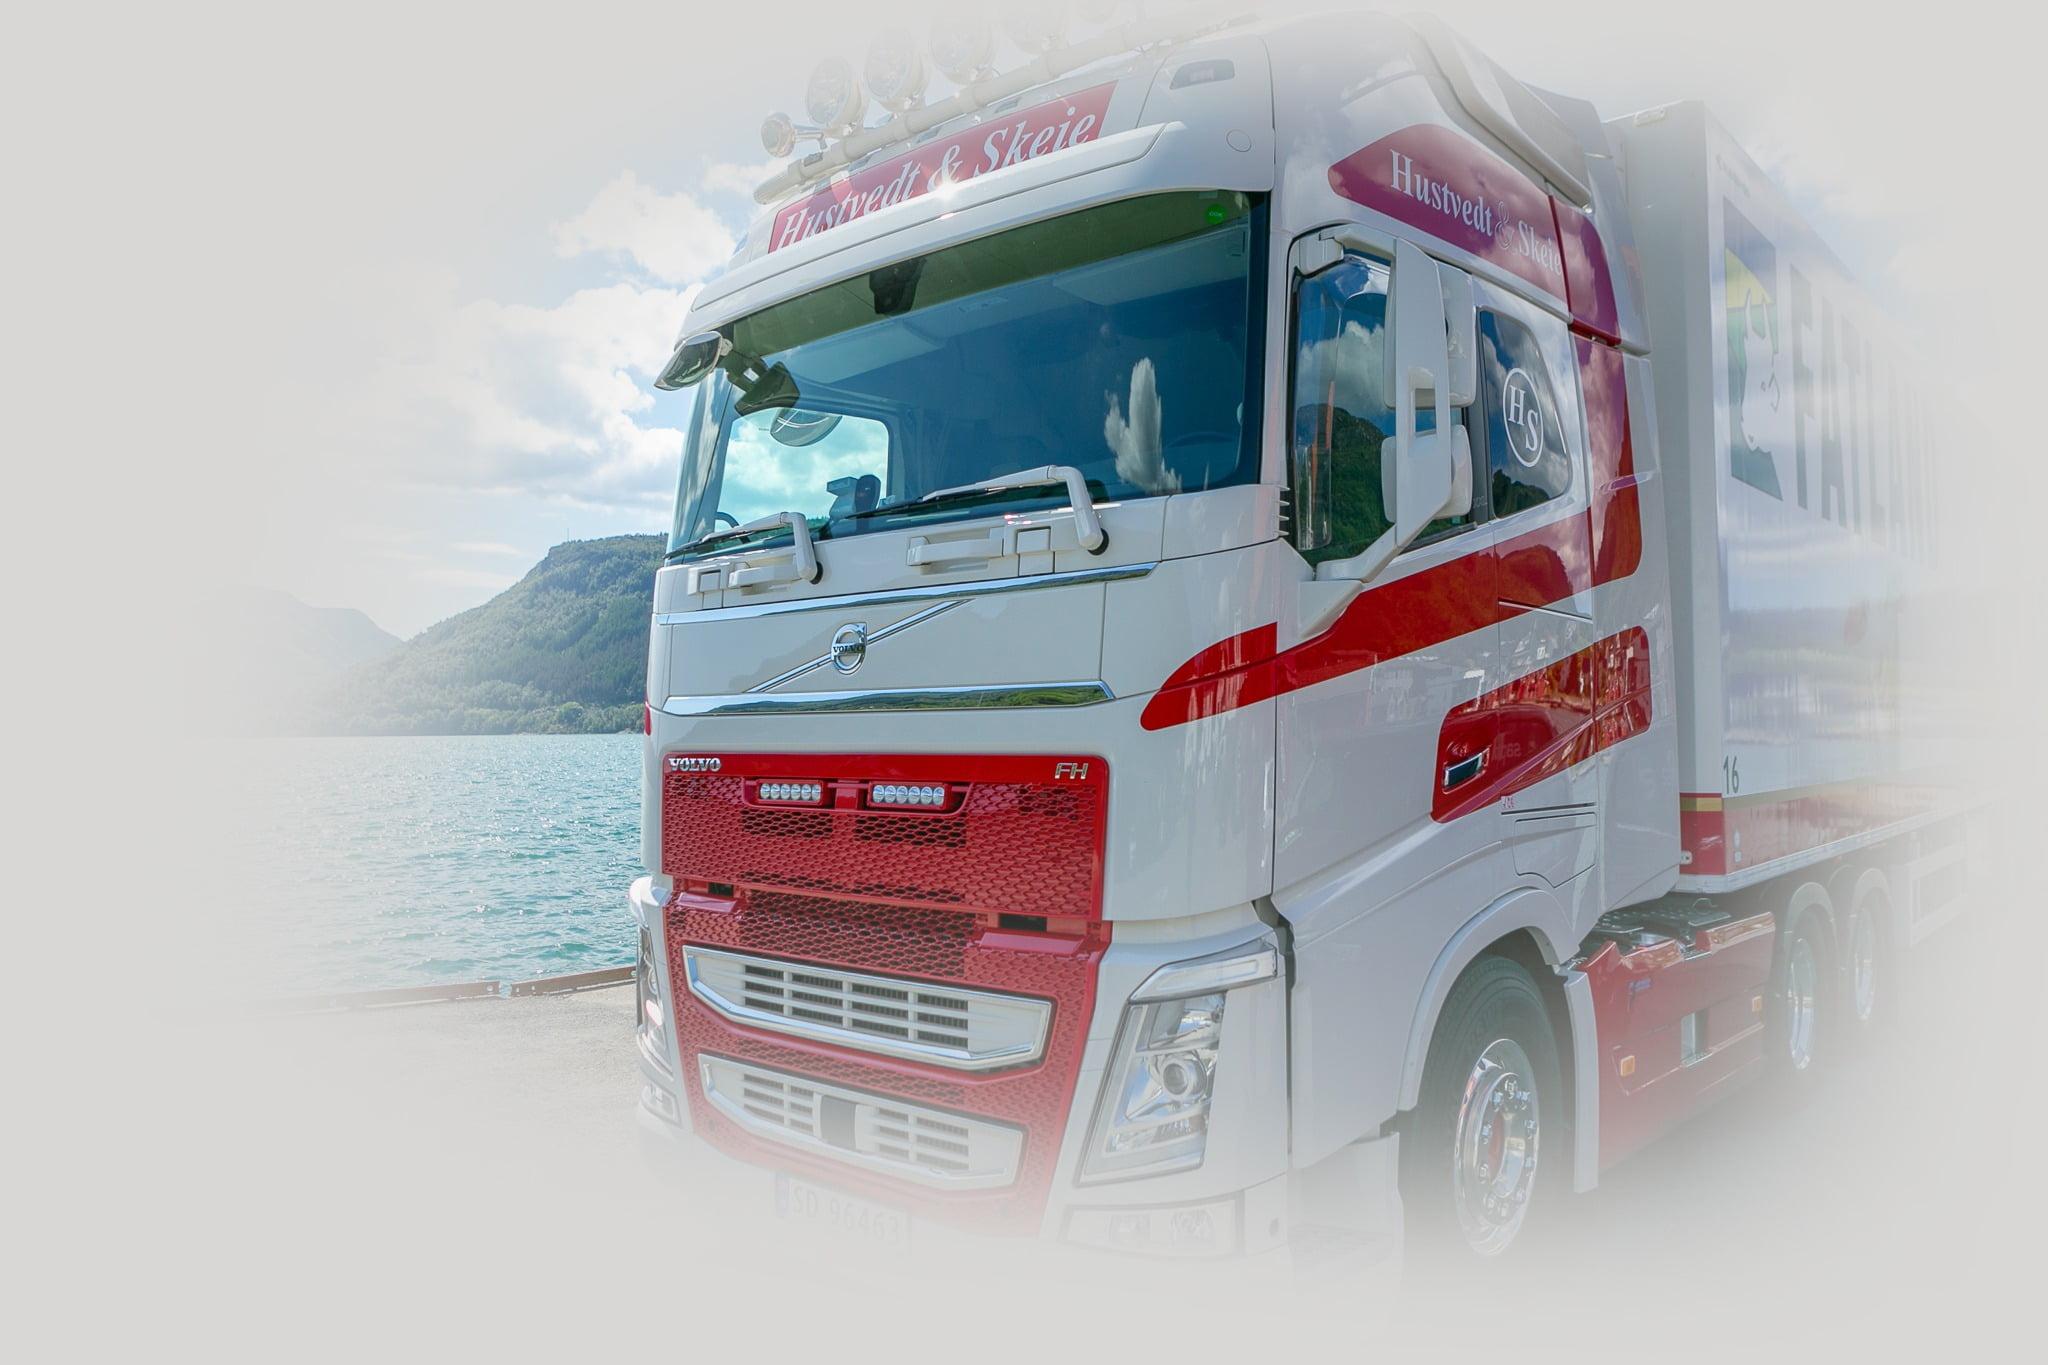 Vehicle registration plate, Automotive tire, Windscreen wiper, Truck, Sky, Water, Bumper, Wheel